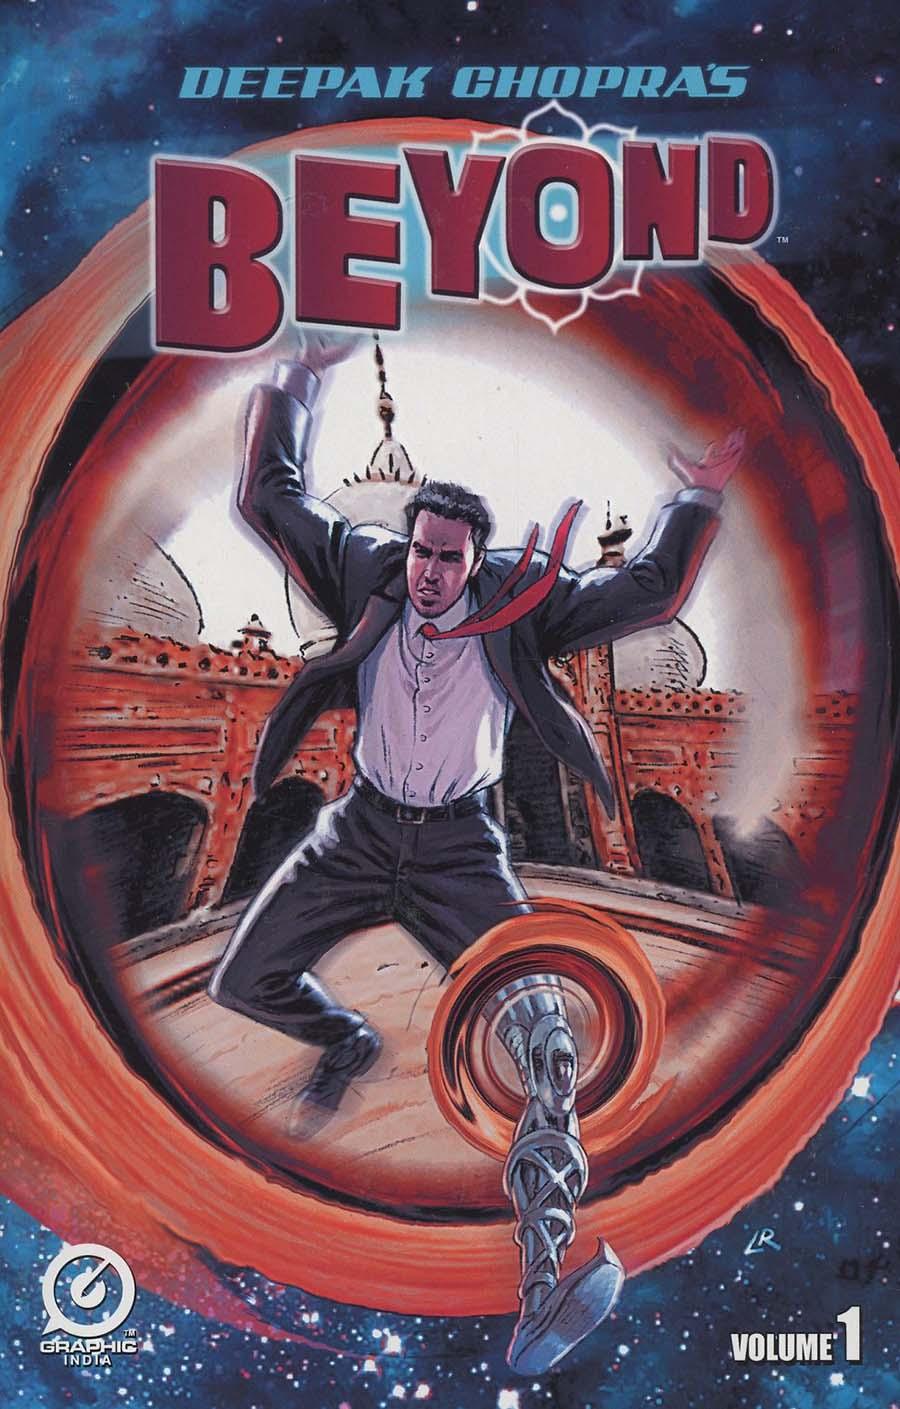 Deepak Chopras Beyond Vol 1 TP